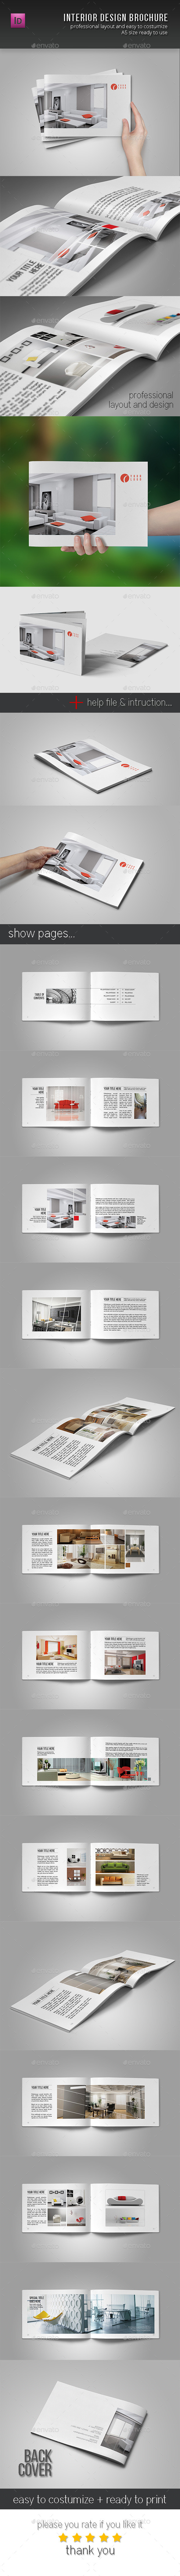 GraphicRiver Interior Design Brochure 10693018